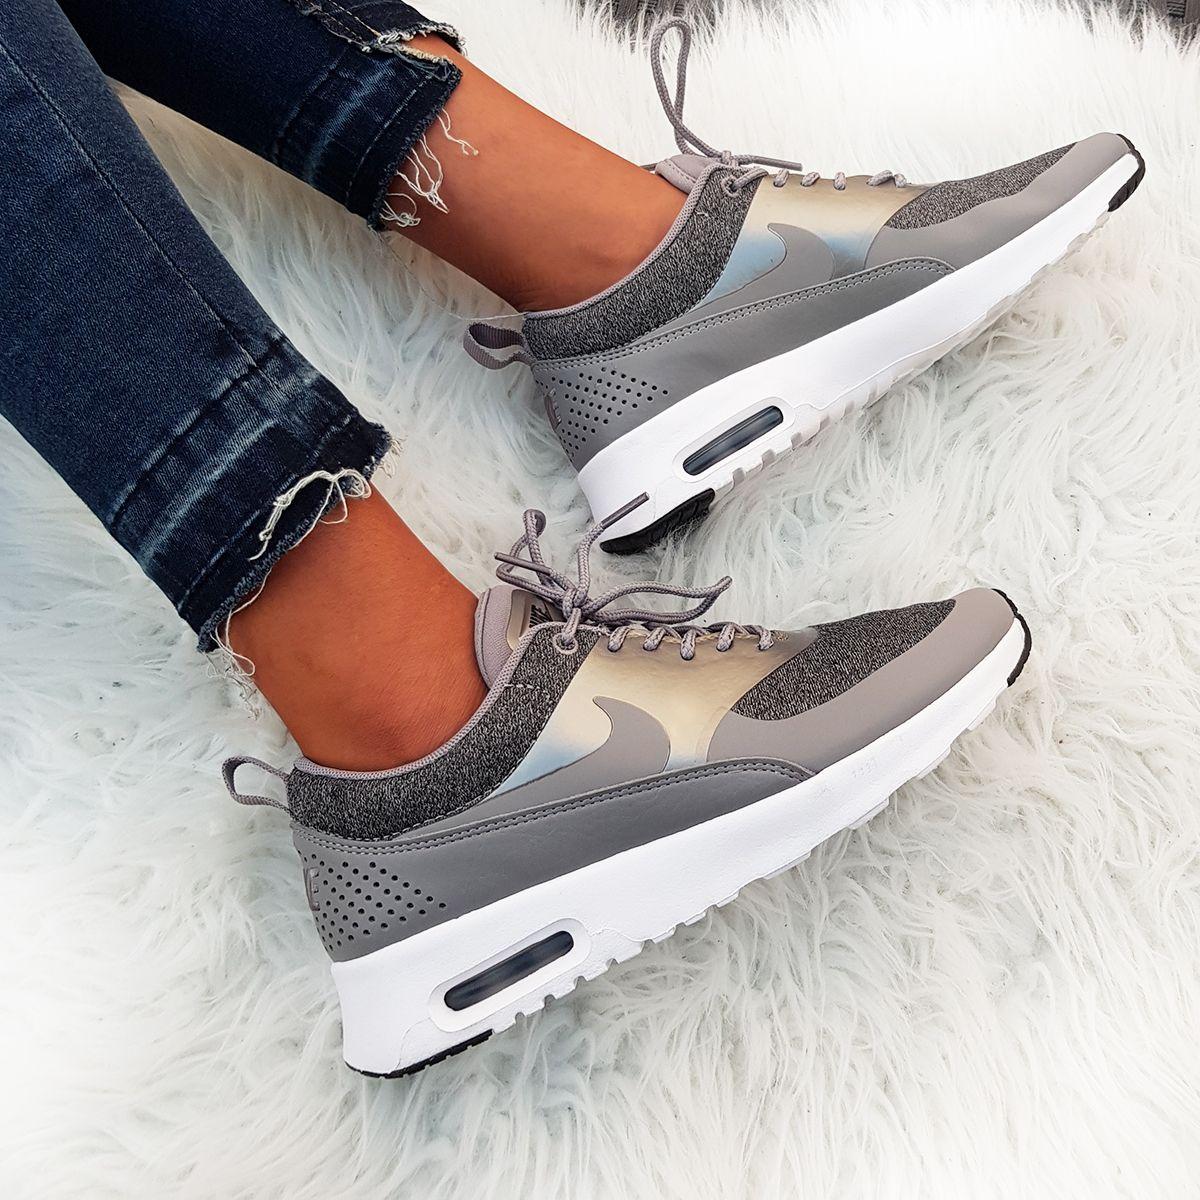 Nike Air Max Thea Knit grau grey weiss white Foto